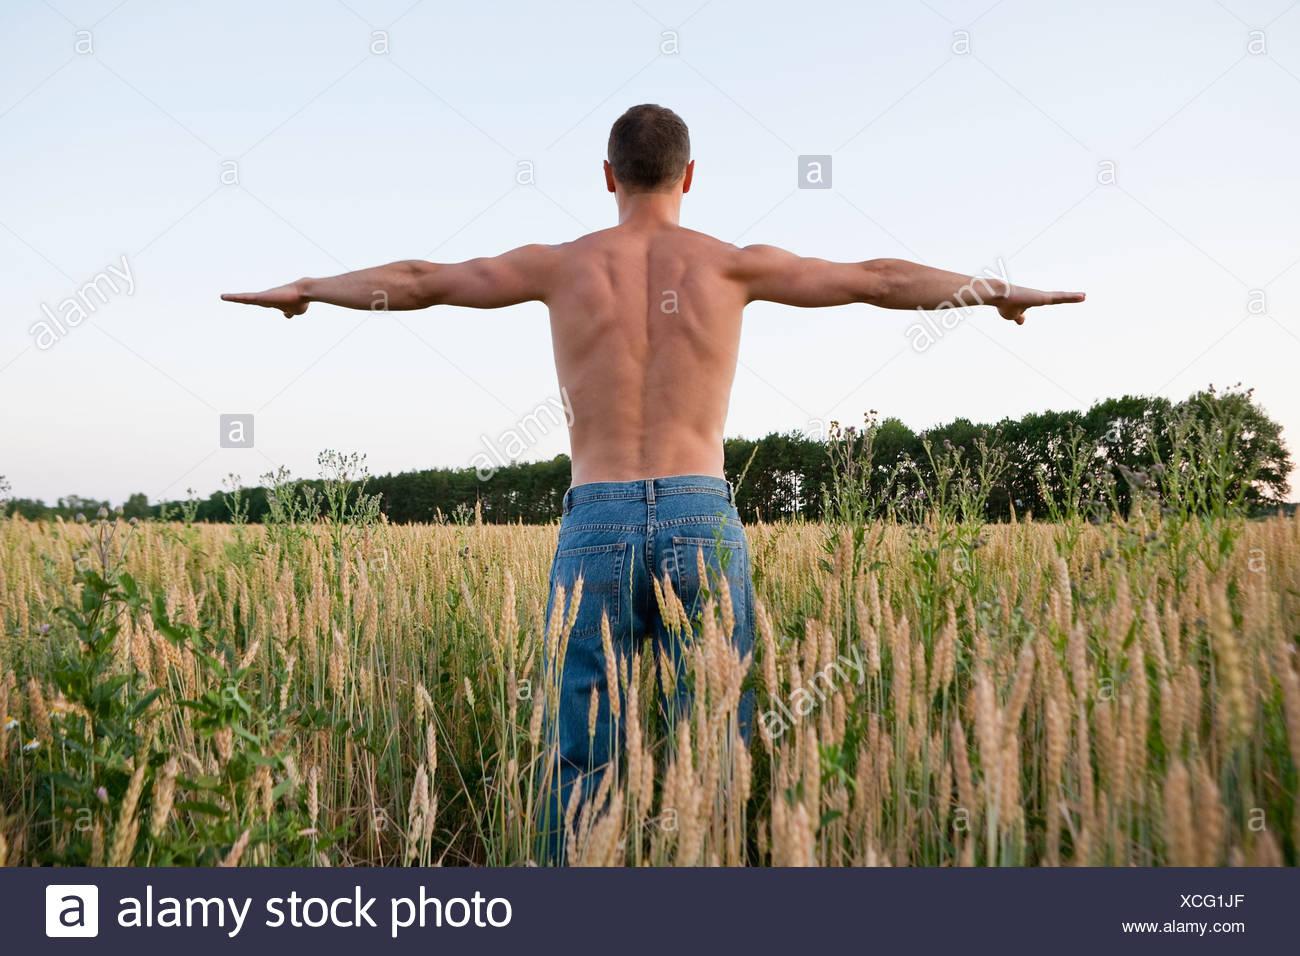 Russia, Voronezh, l'uomo esercita nel campo Immagini Stock